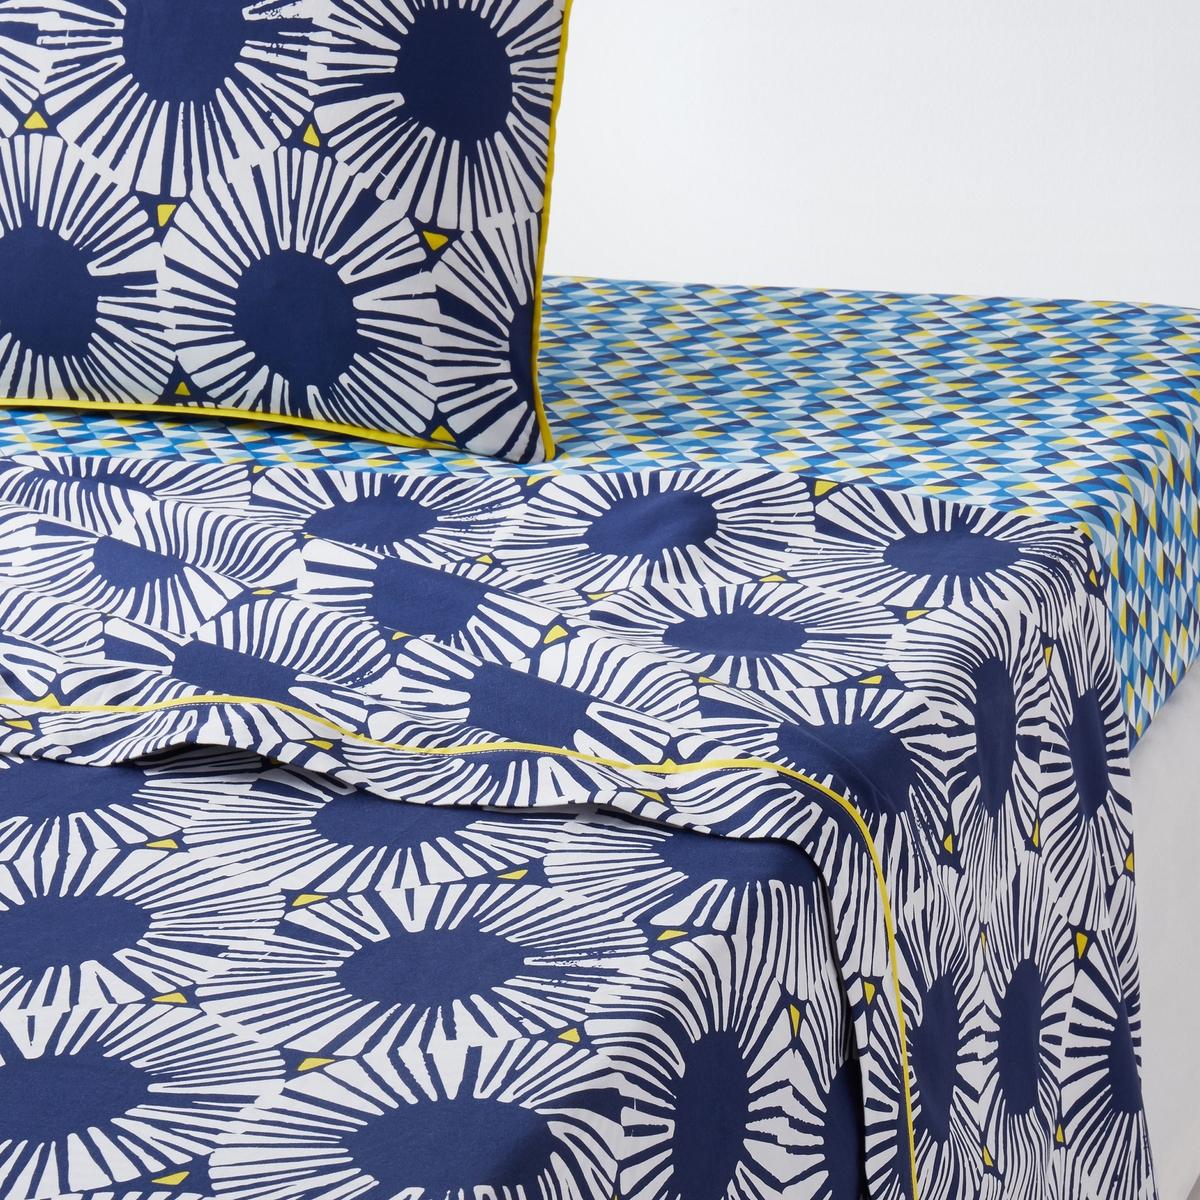 Простыня с рисунком, 100% хлопок, Blue RivieraХарактеристики простыни Blue Riviera :Простыня с рисунком в виде стилизованных роз синего цвета.Отделка контрастным кантом желтого цвета.100% хлопок, 57 нитей/см? : чем больше нитей/см?, тем выше качество ткани.Легкость ухода.Машинная стирка при 60 °С.Всю коллекцию постельного белья Blue Riviera вы можете найти на сайте laredoute.ruРазмеры :180 x 290 см : 1-сп.240 х 290 см : 2-сп.270 x 290 см : 2-сп.Знак Oeko-Tex® гарантирует, что товары прошли проверку и были изготовлены без применения вредных для здоровья человека веществ.  Размеры:140 x 200 см : 1-сп.200 х 200 см : 1-2-сп.240 х 220 см : 2-сп.260 х 240 см : 2-сп.<br><br>Цвет: белый/синий/желтый<br>Размер: 240 x 290  см